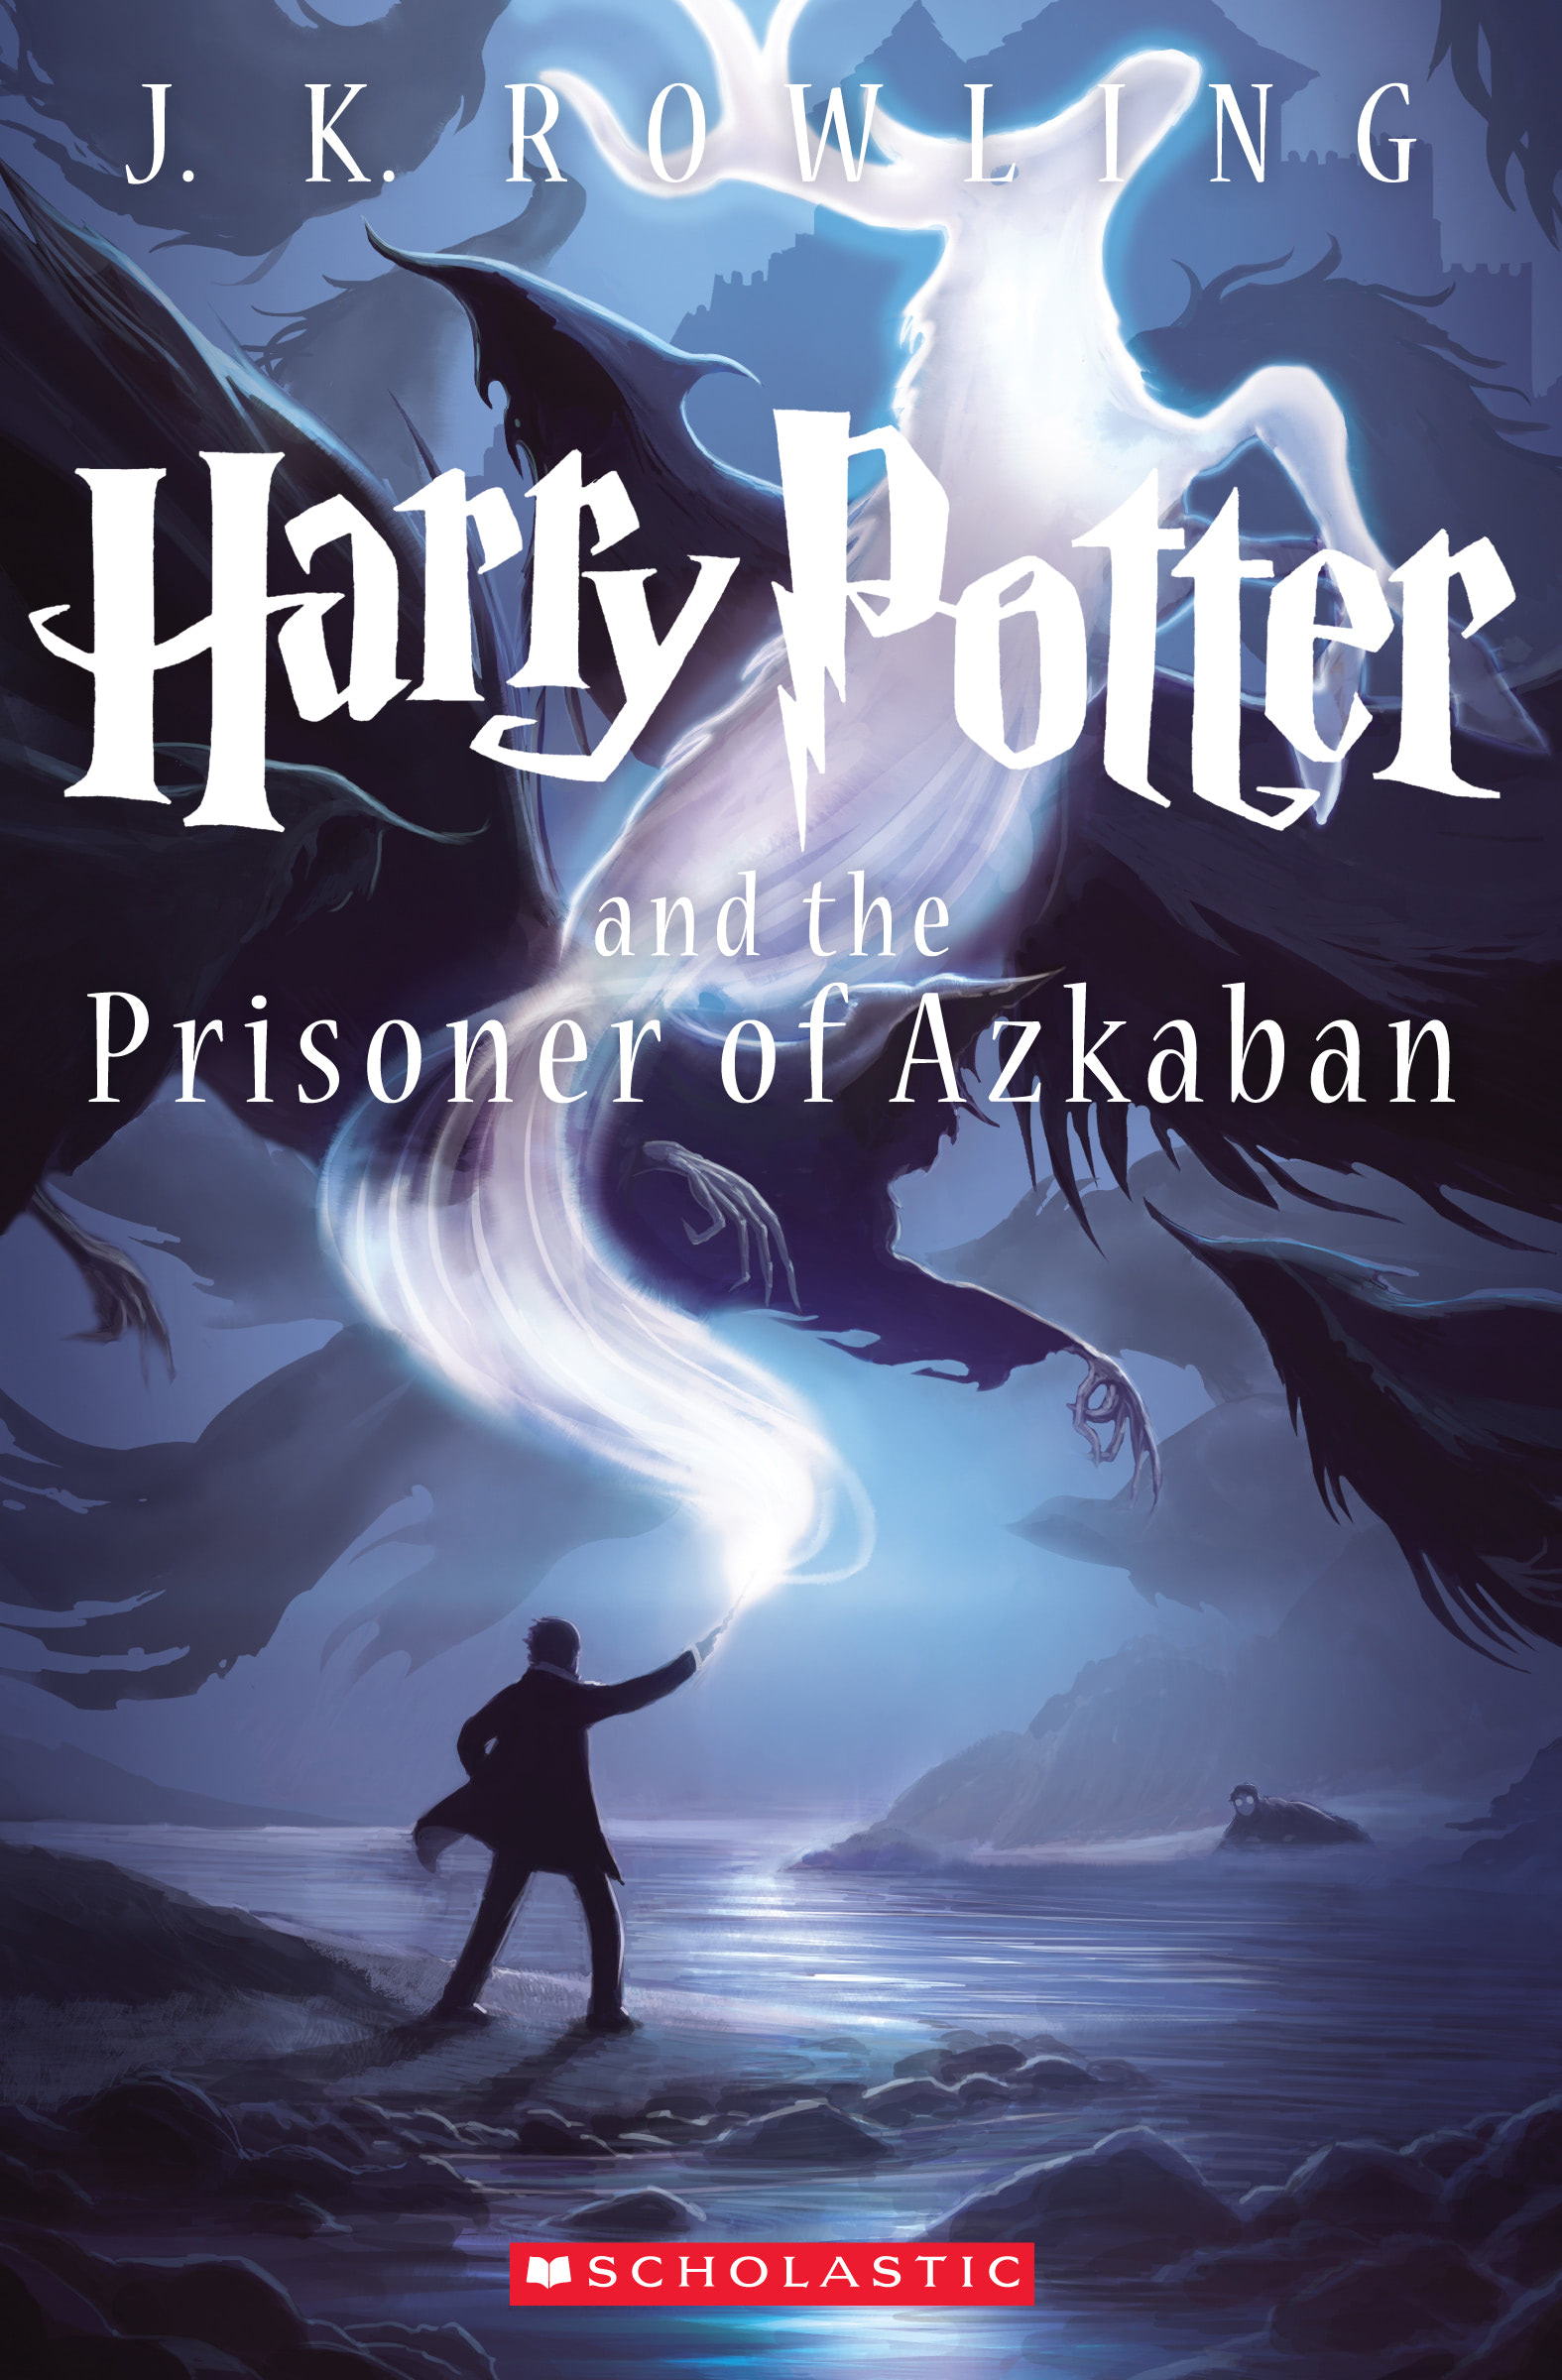 'Prisoner of Azkaban' US children's edition (2013)